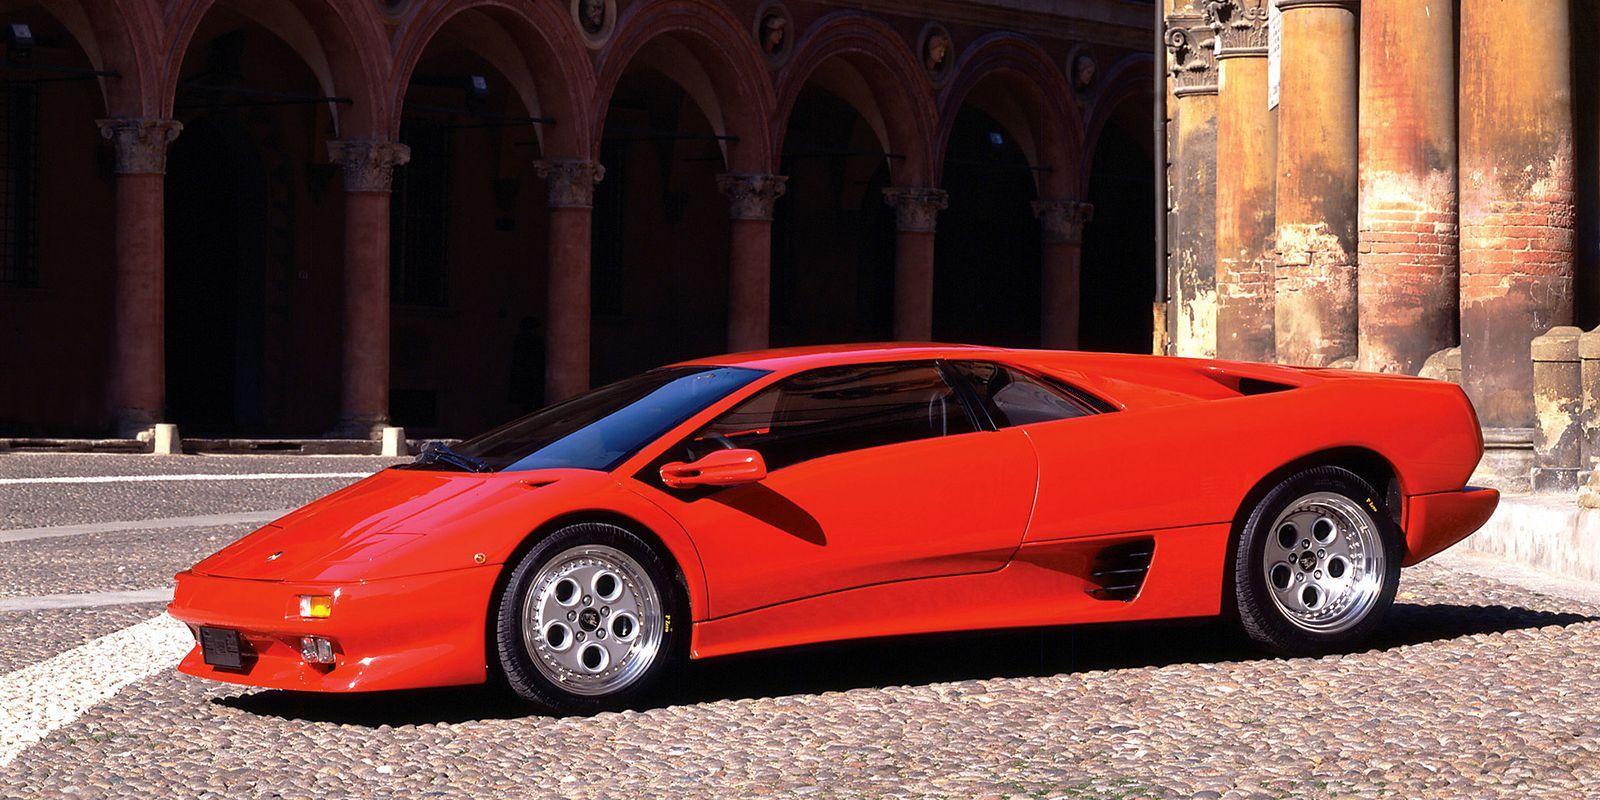 25 of the fastest road cars ever made | lamborghini diablo, cars